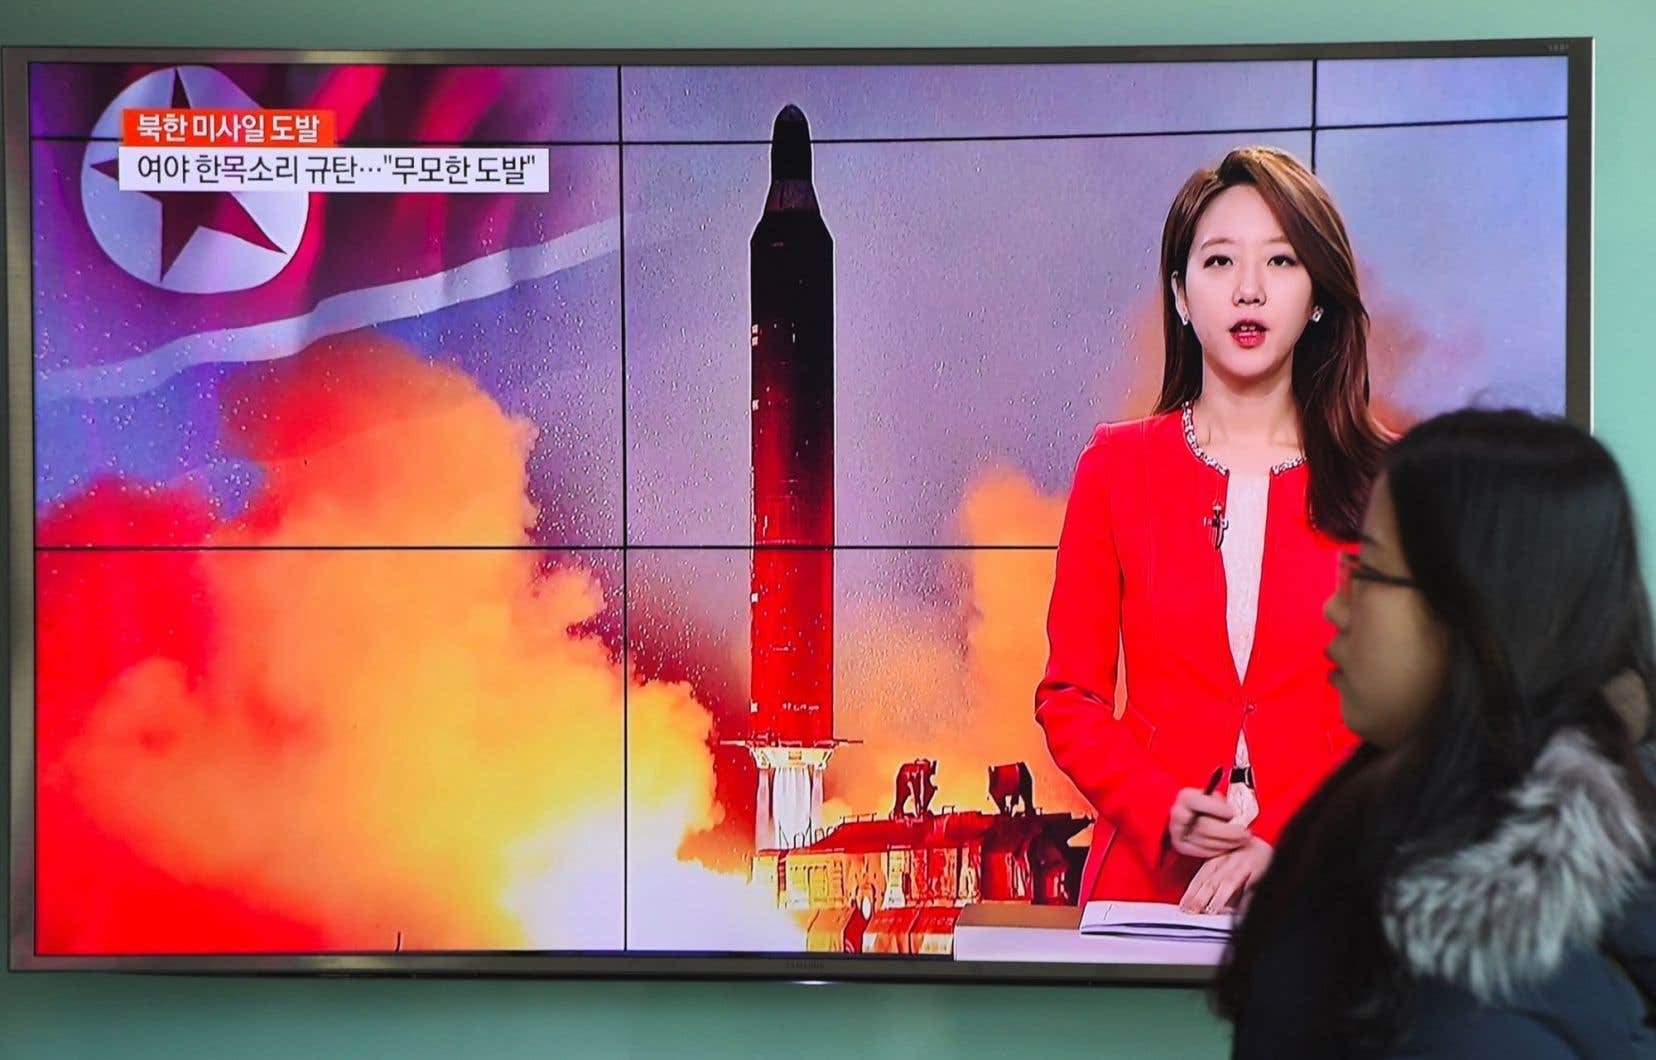 Le tir d'en fin de semaine n'est pas un ICBM, mais le ou les destinataires du message pourraient bien être les États-Unis et le Japon, les deux ennemis historiques de Pyongyang.